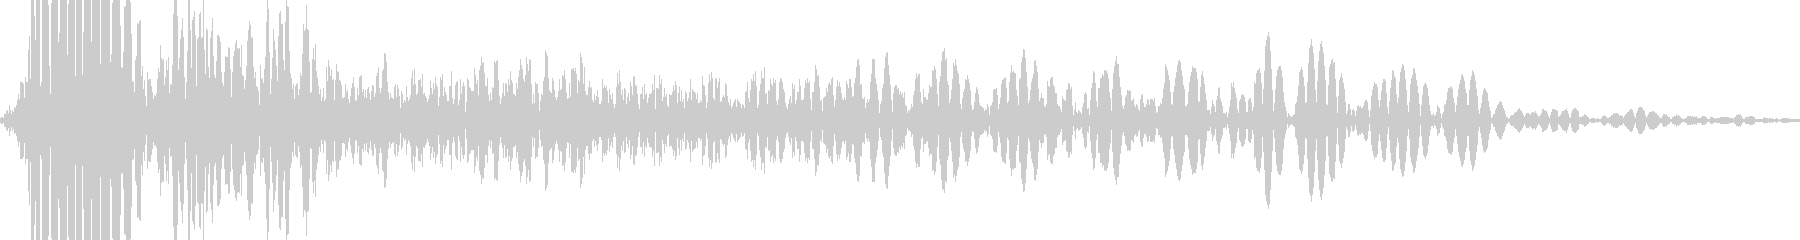 ミリタリータンクガン:シングルショ...の未再生の波形